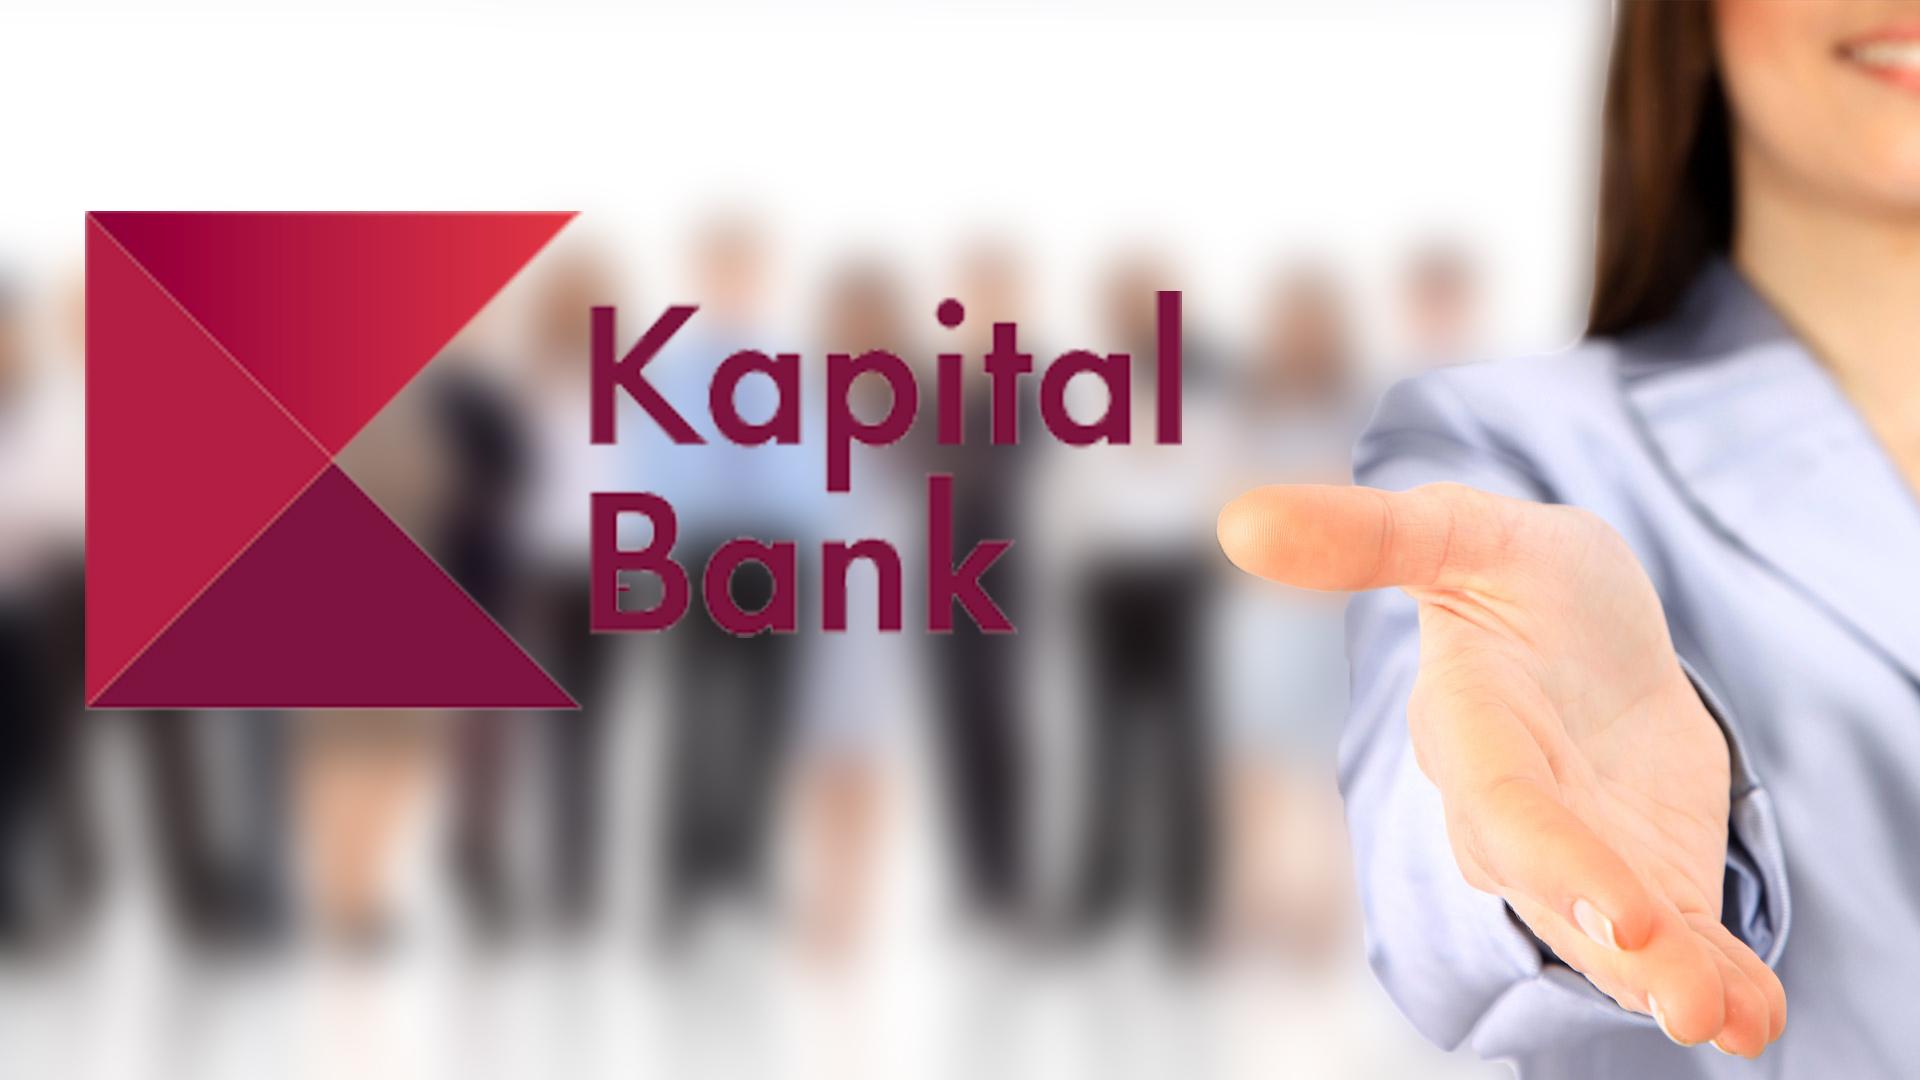 Kapital Bank-da İŞ VAR! - 5 yeni vakansiya